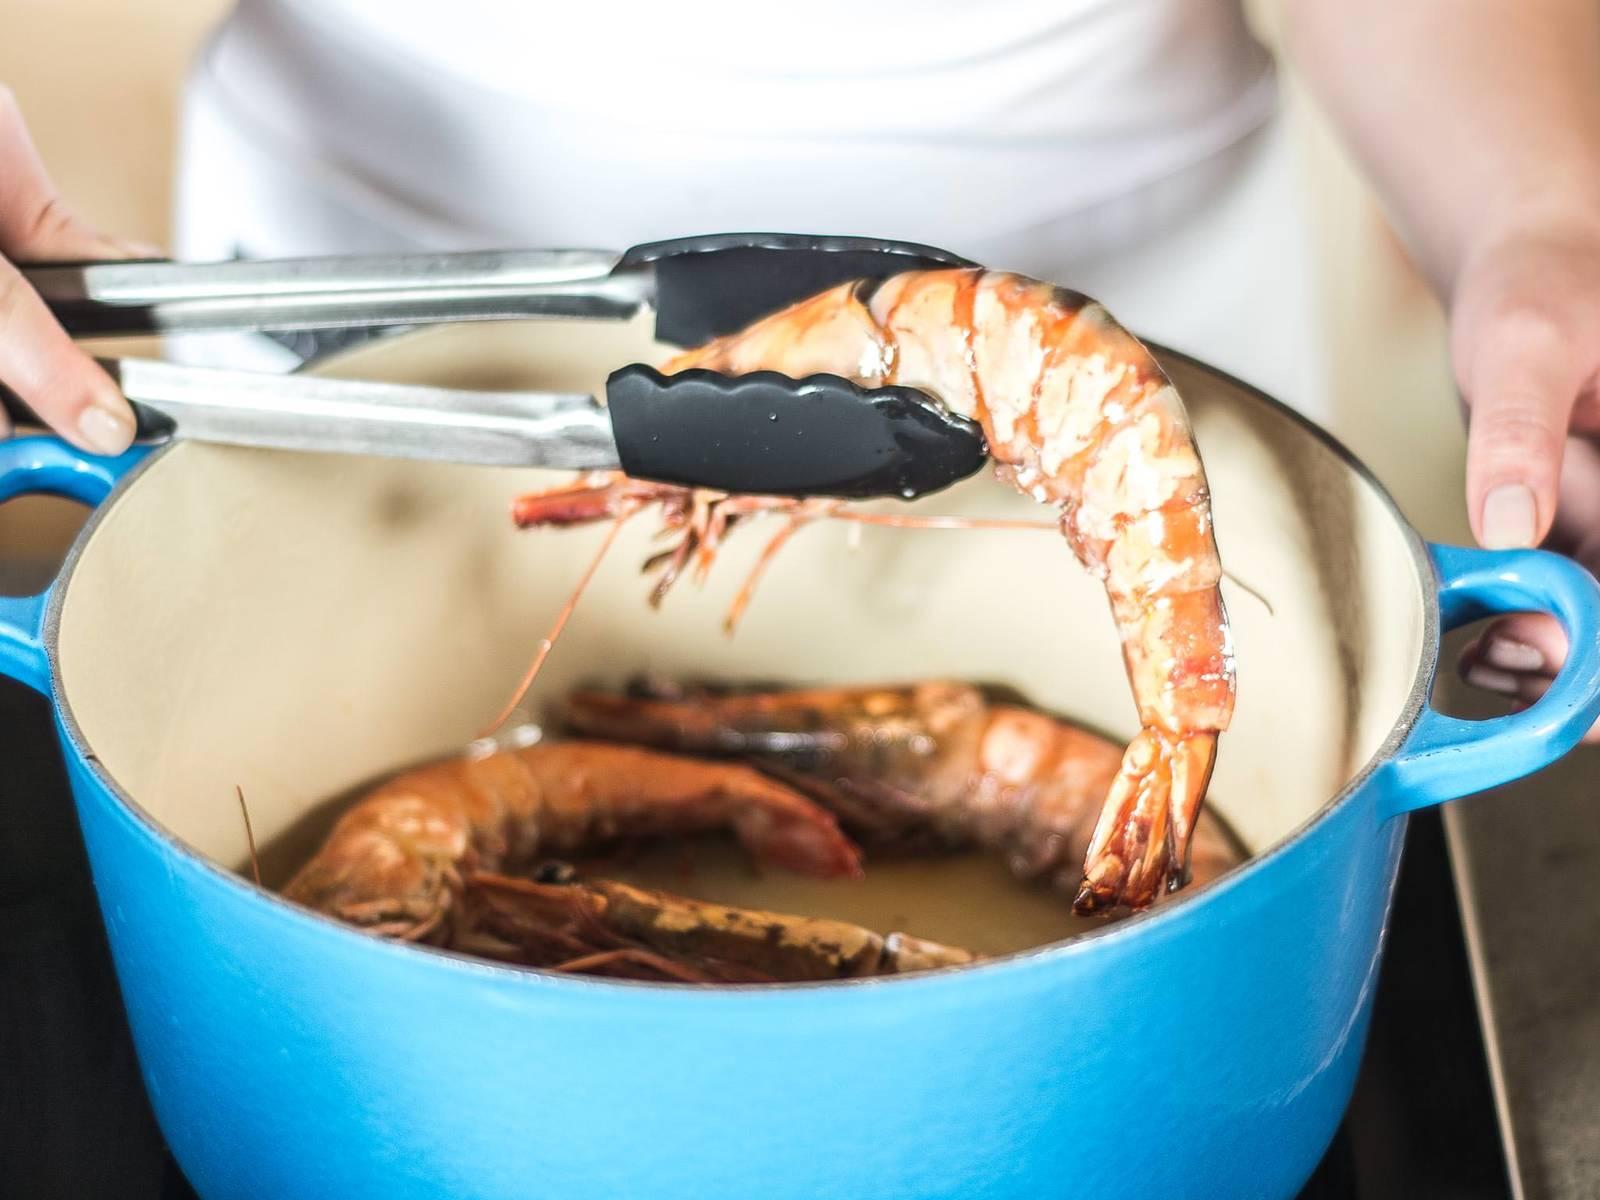 向热锅中注入少许橄榄油,加入大虾与蒜高温翻炒,并加盐与胡椒粉调味。盛出备用。